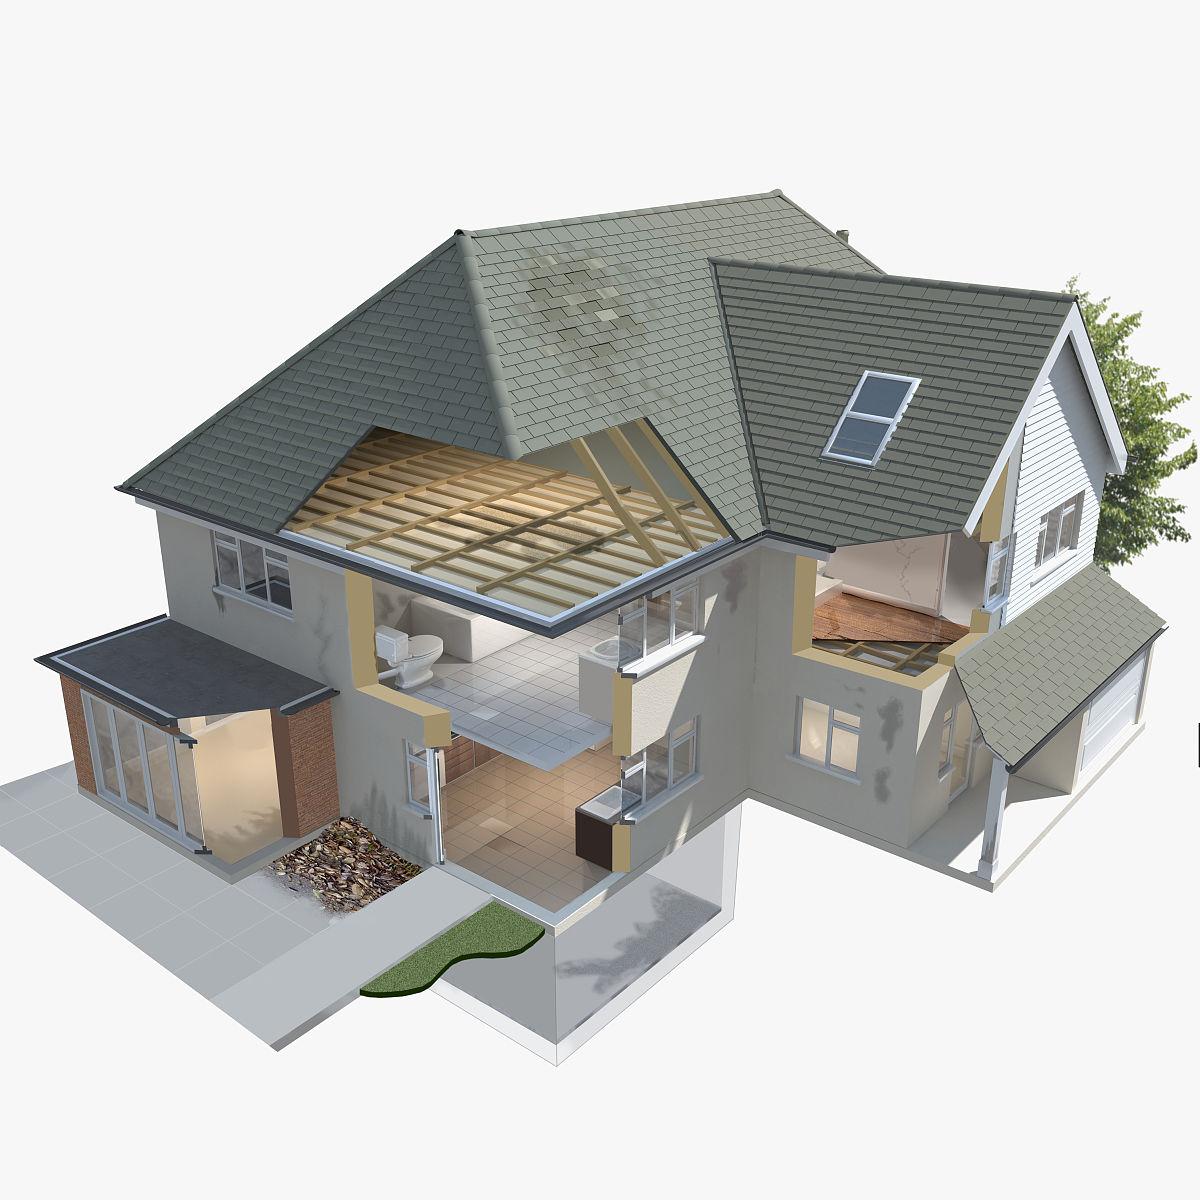 模型,问题,建筑,建筑业,水平画幅,影棚拍摄,房屋,计算机制图,屋顶图片